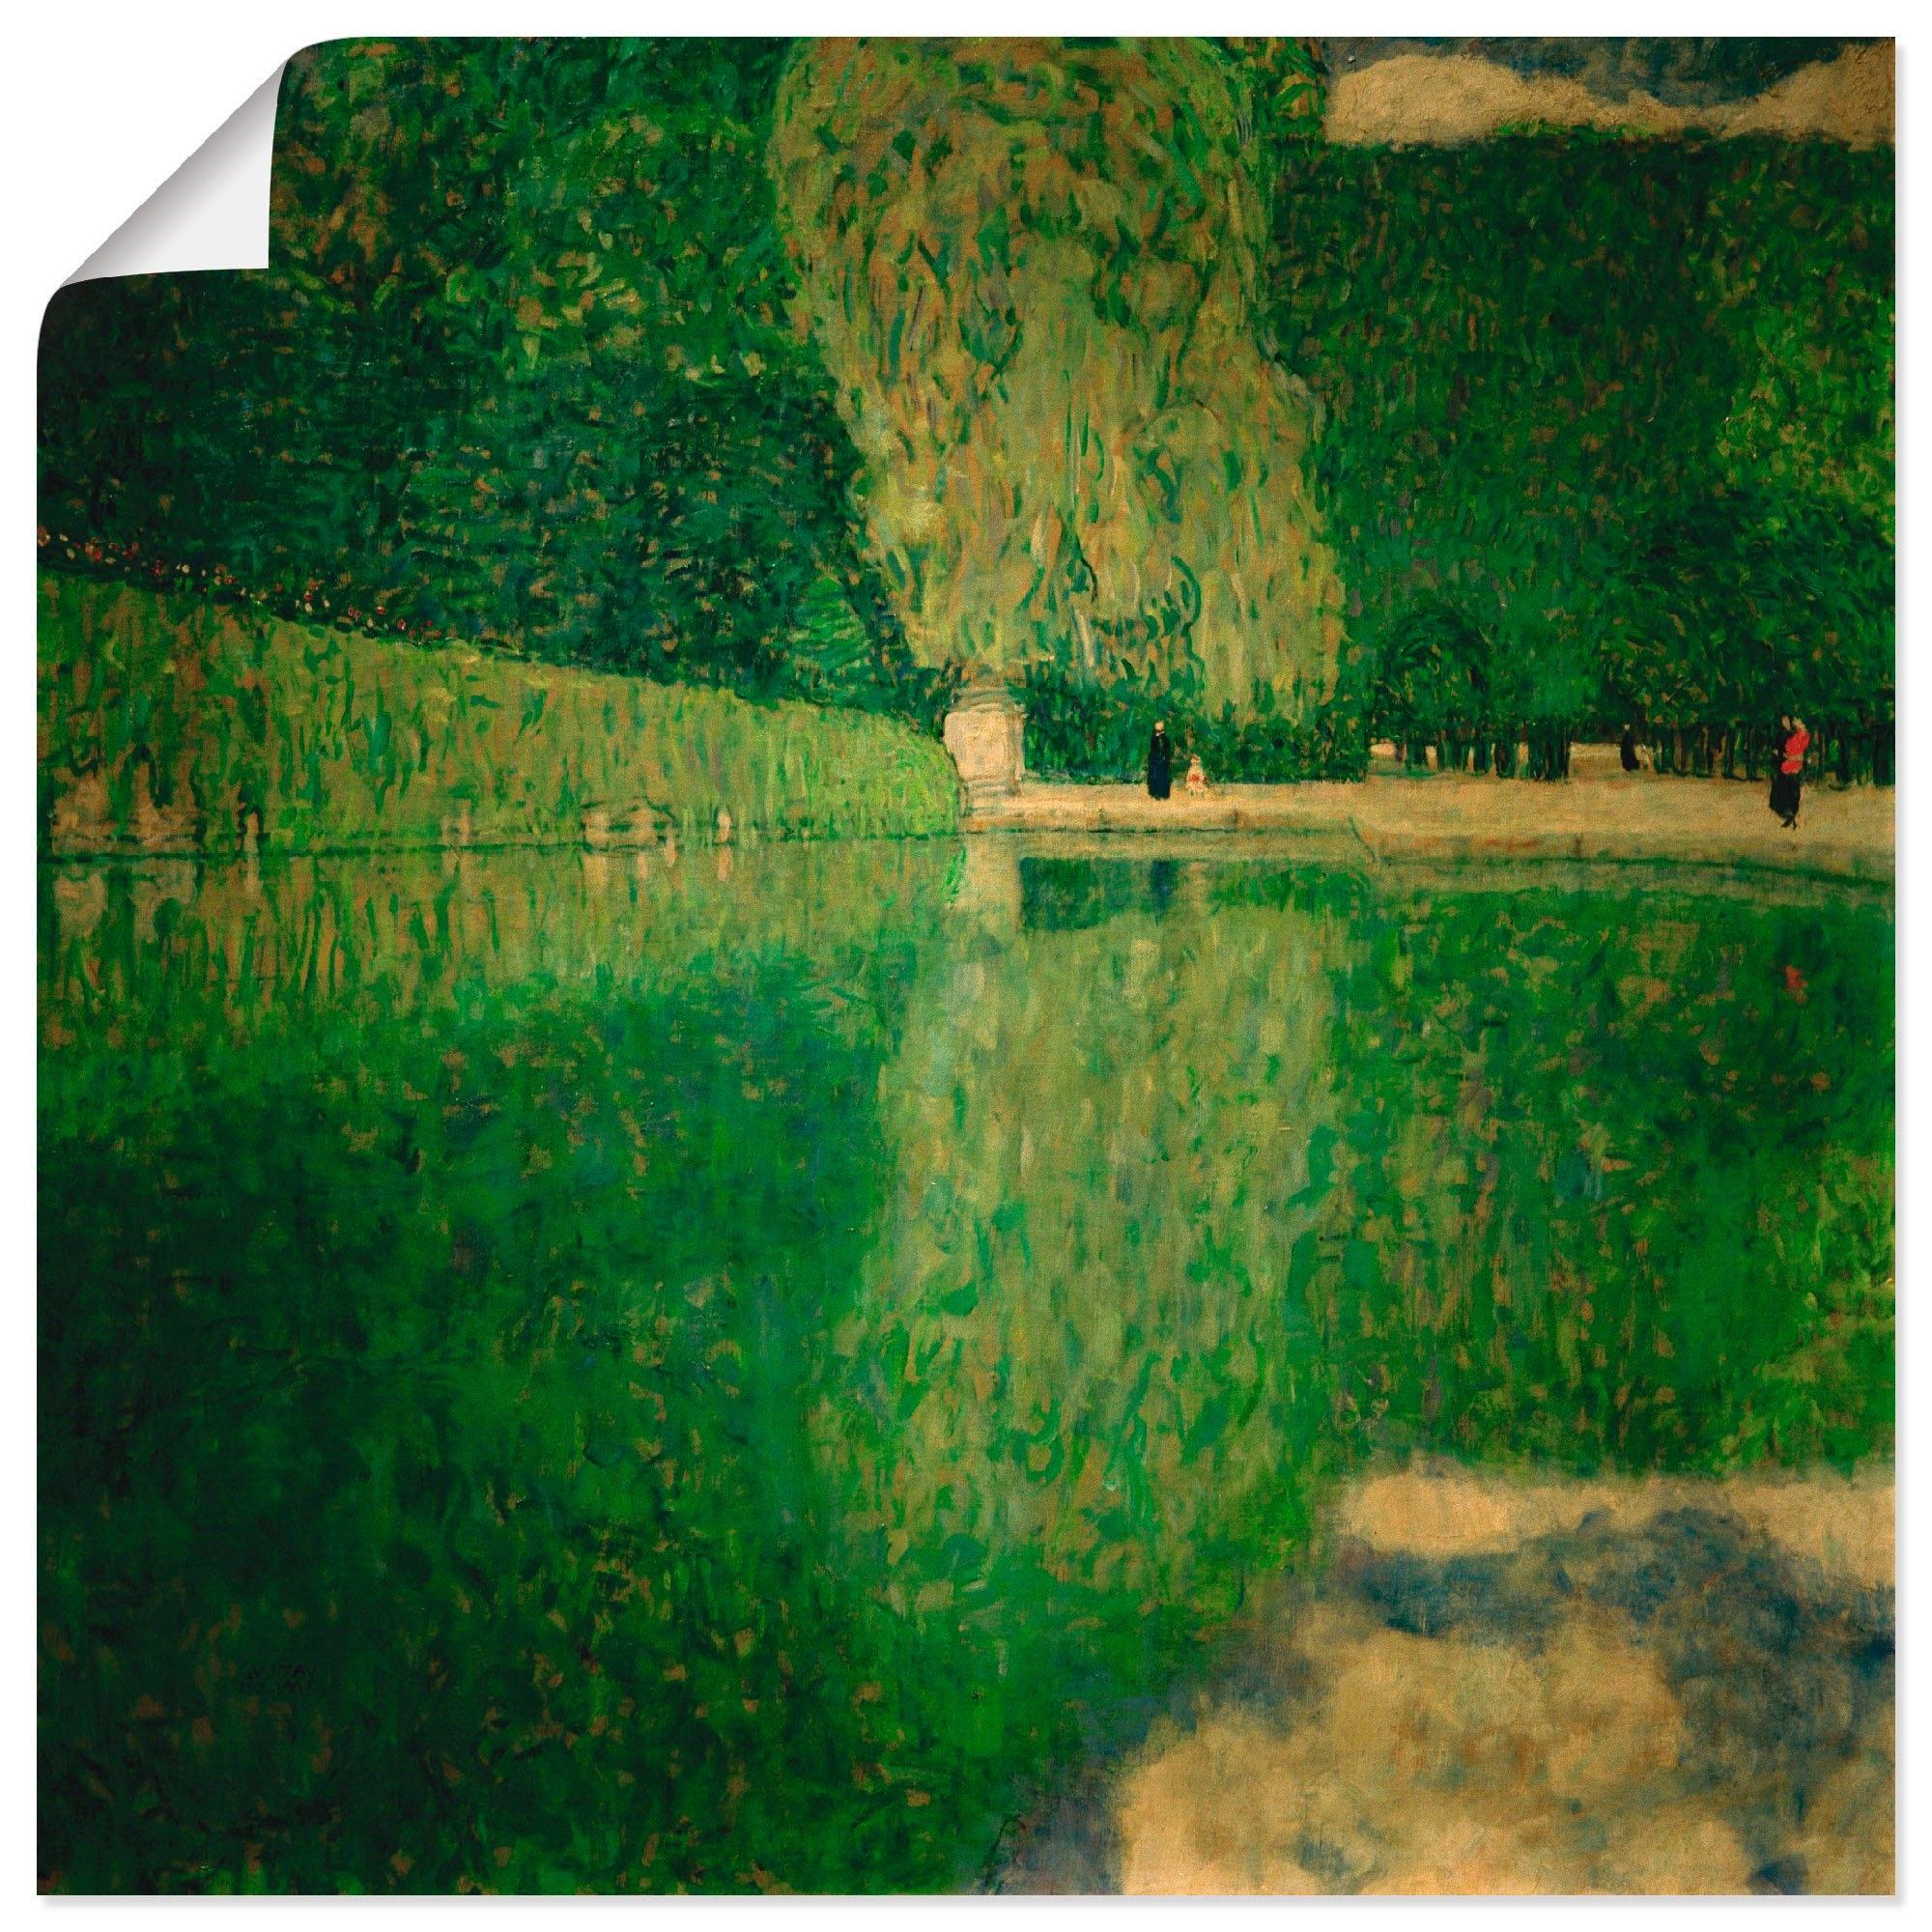 Artland Artprint Park van Schönbrunnen (Schönbrunner landschap) in vele afmetingen & productsoorten -artprint op linnen, poster, muursticker / wandfolie ook geschikt voor de badkamer (1 stuk) goedkoop op otto.nl kopen